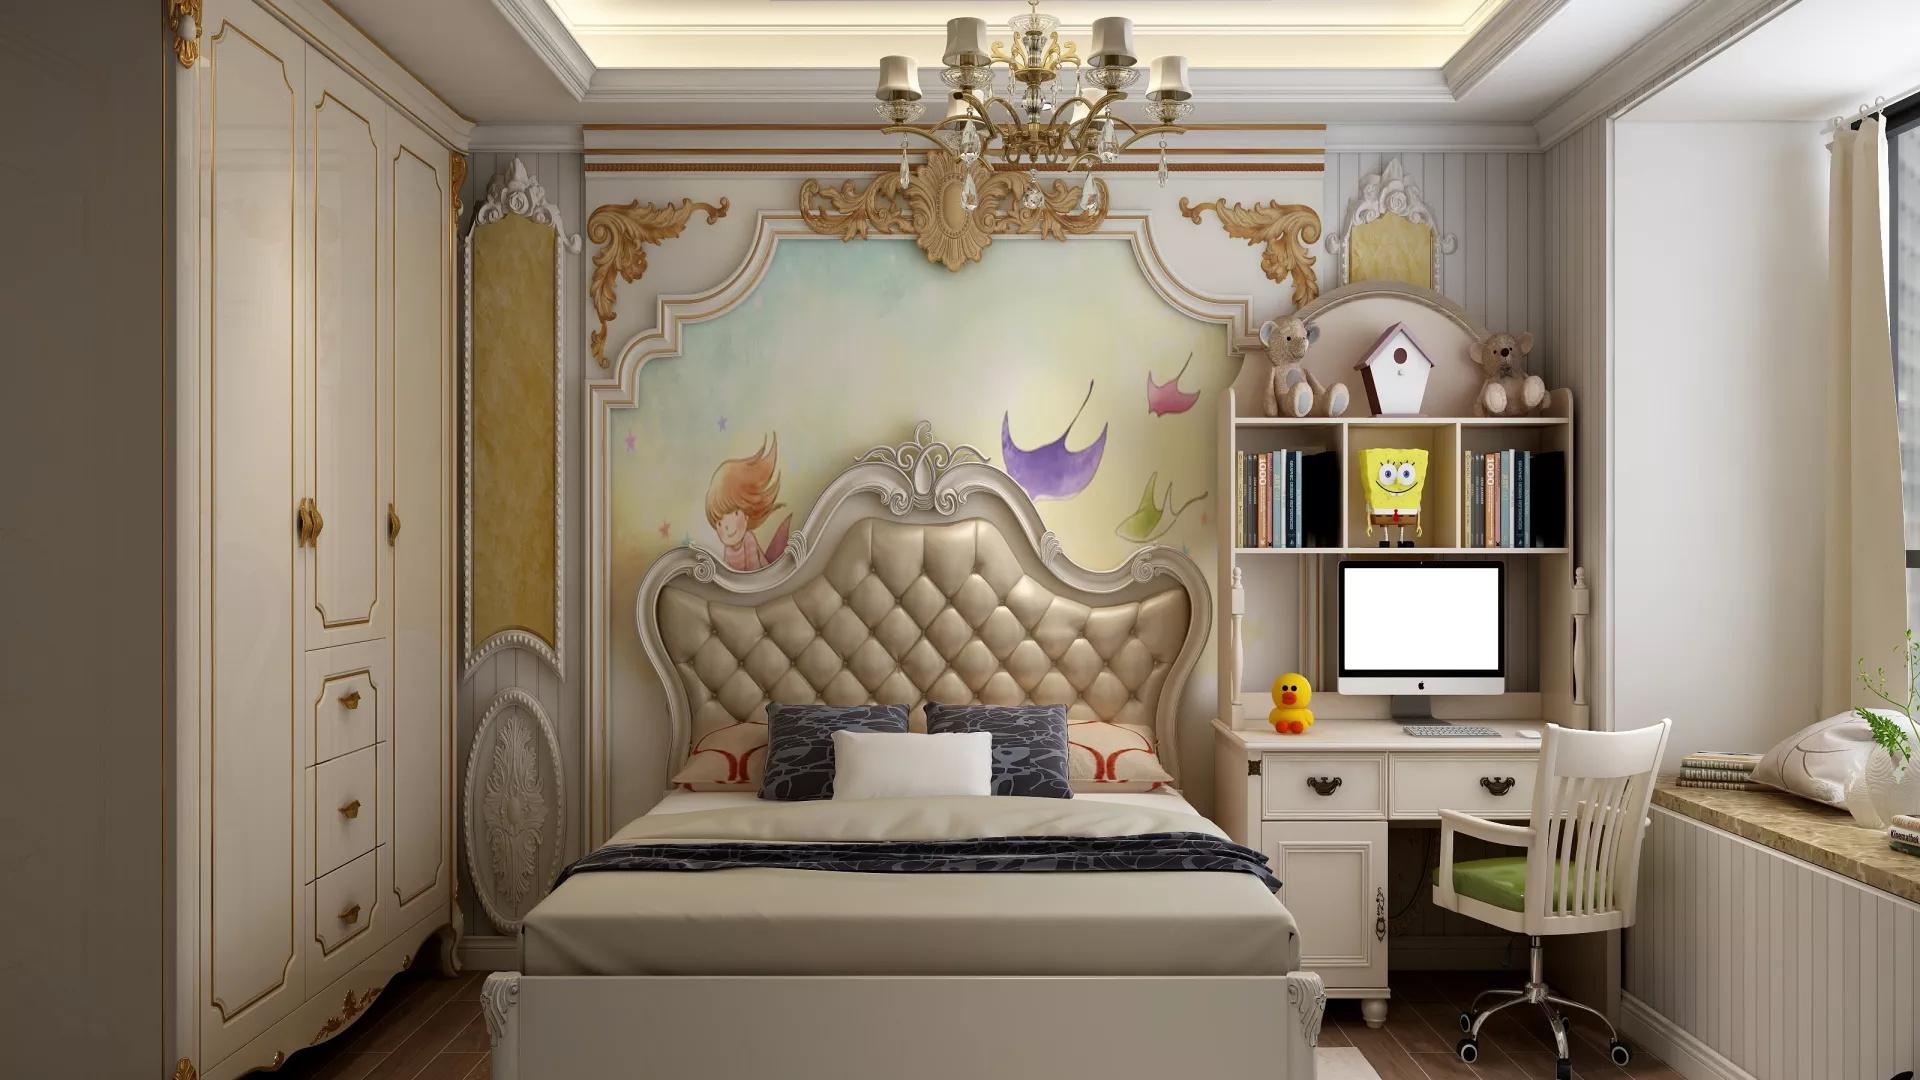 儿童房,儿童床,温馨,可爱